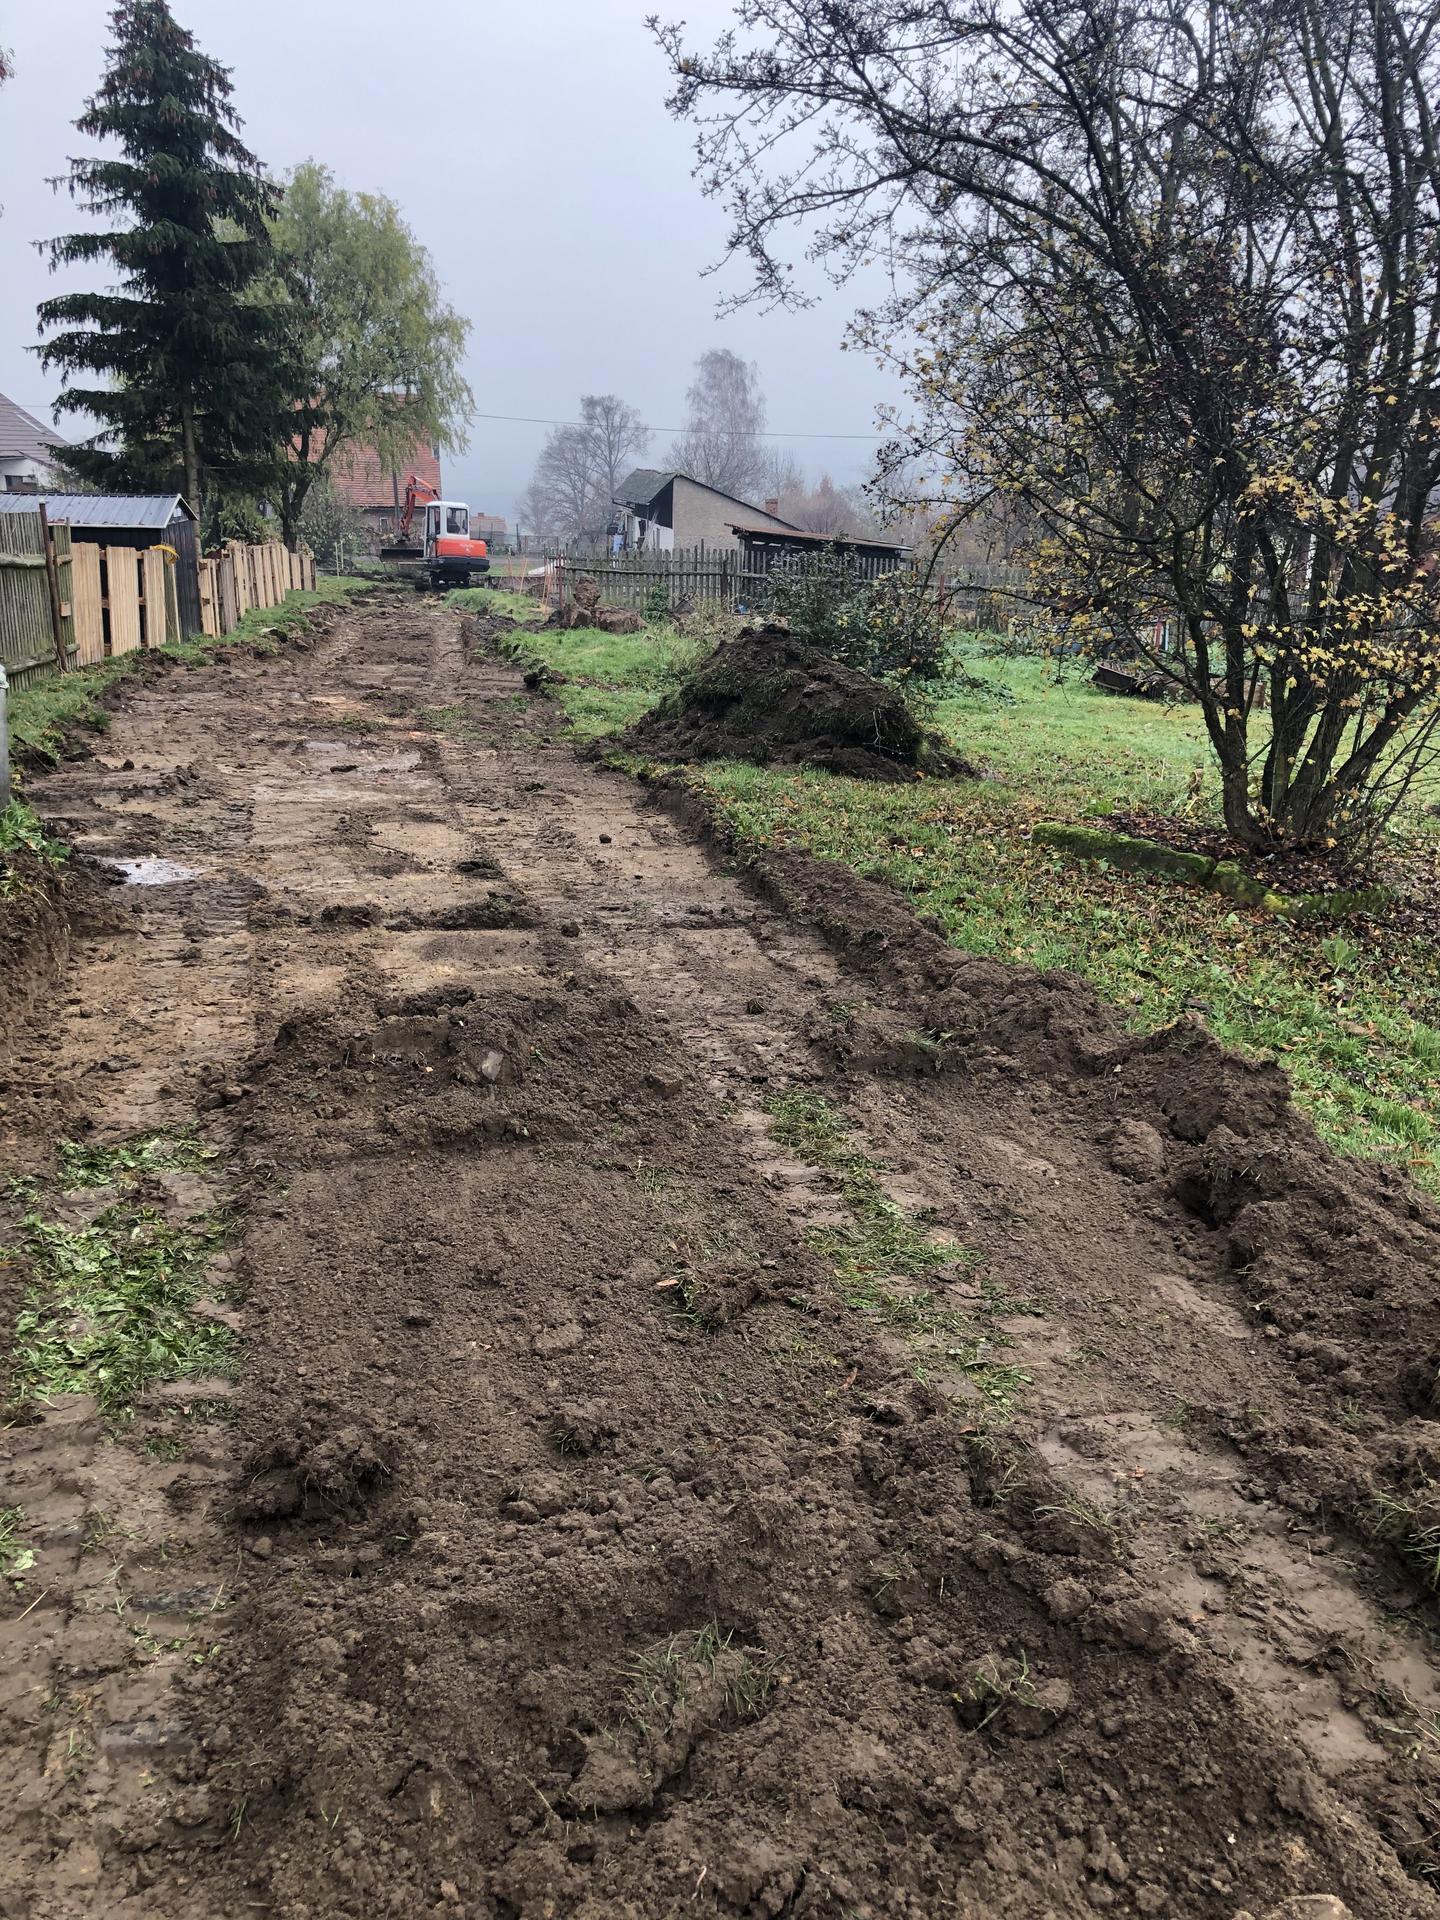 Náš pozemek - Začala se dělat cesta k pozemku, 70m dlouhá 🤯